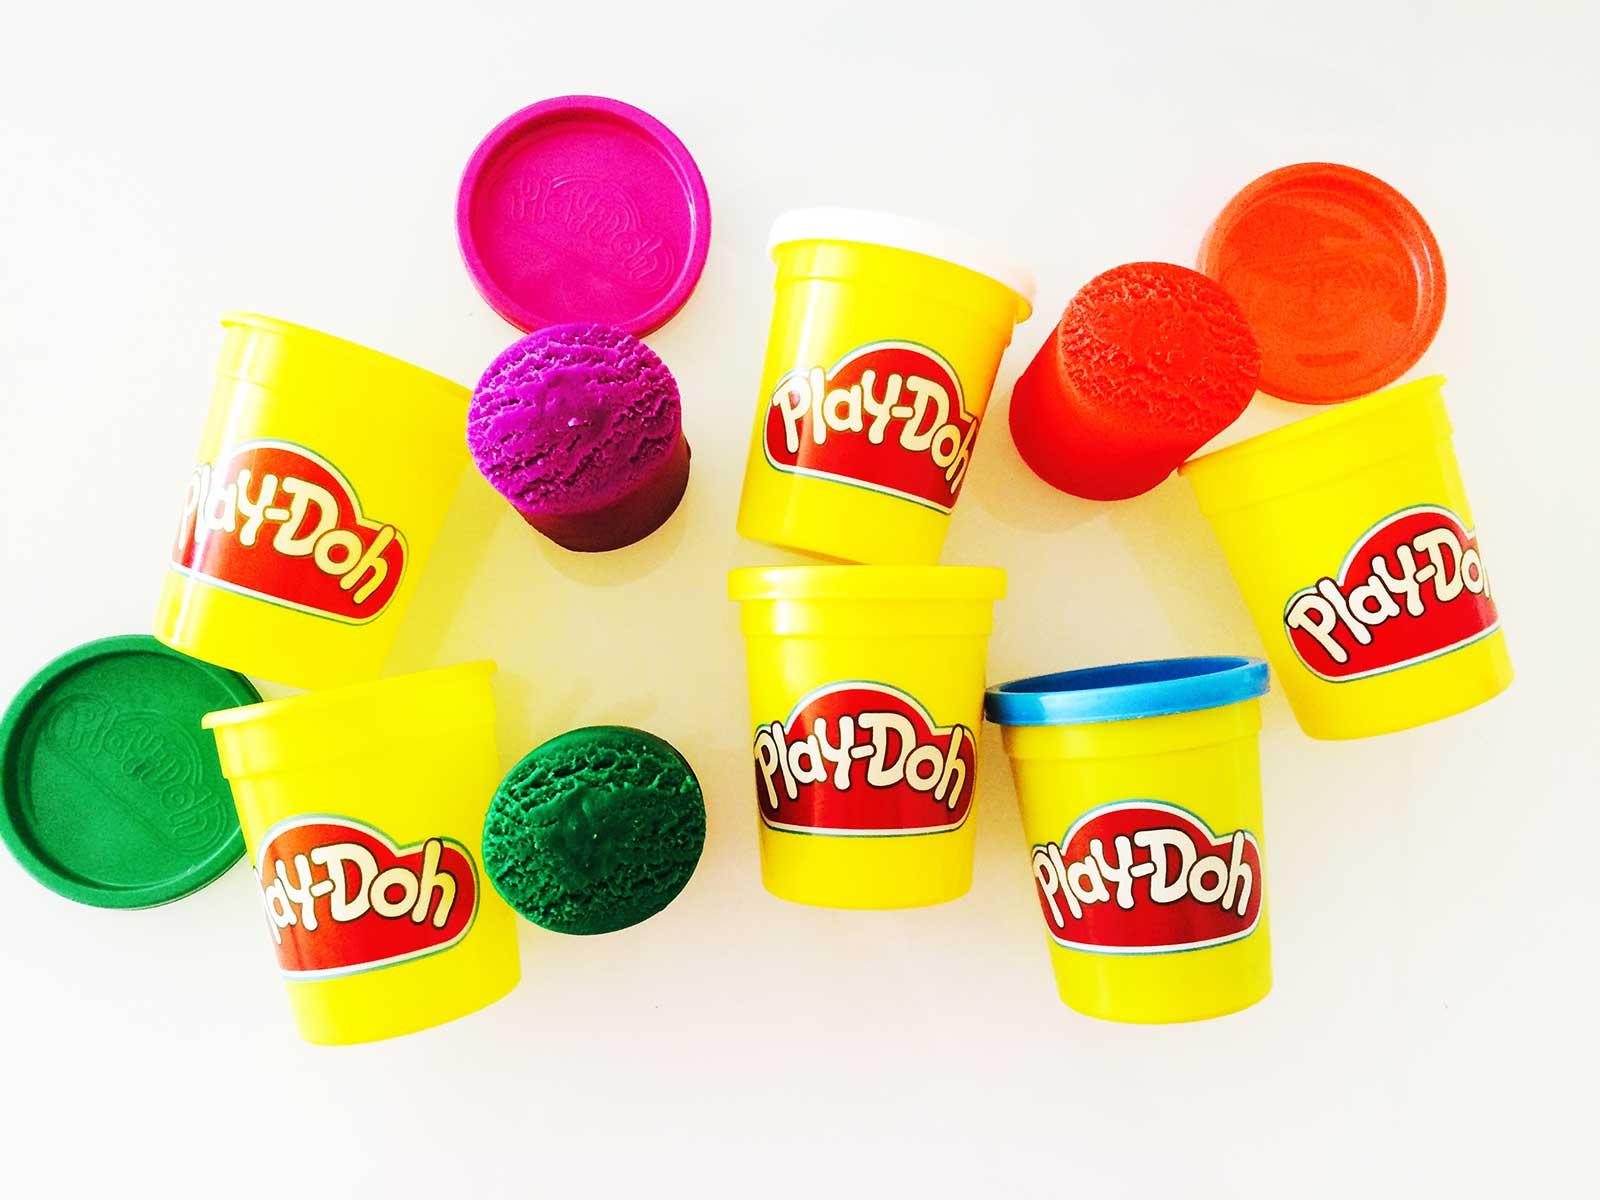 DIY con Play Doh, aprendiendo a cocinar con plastilina